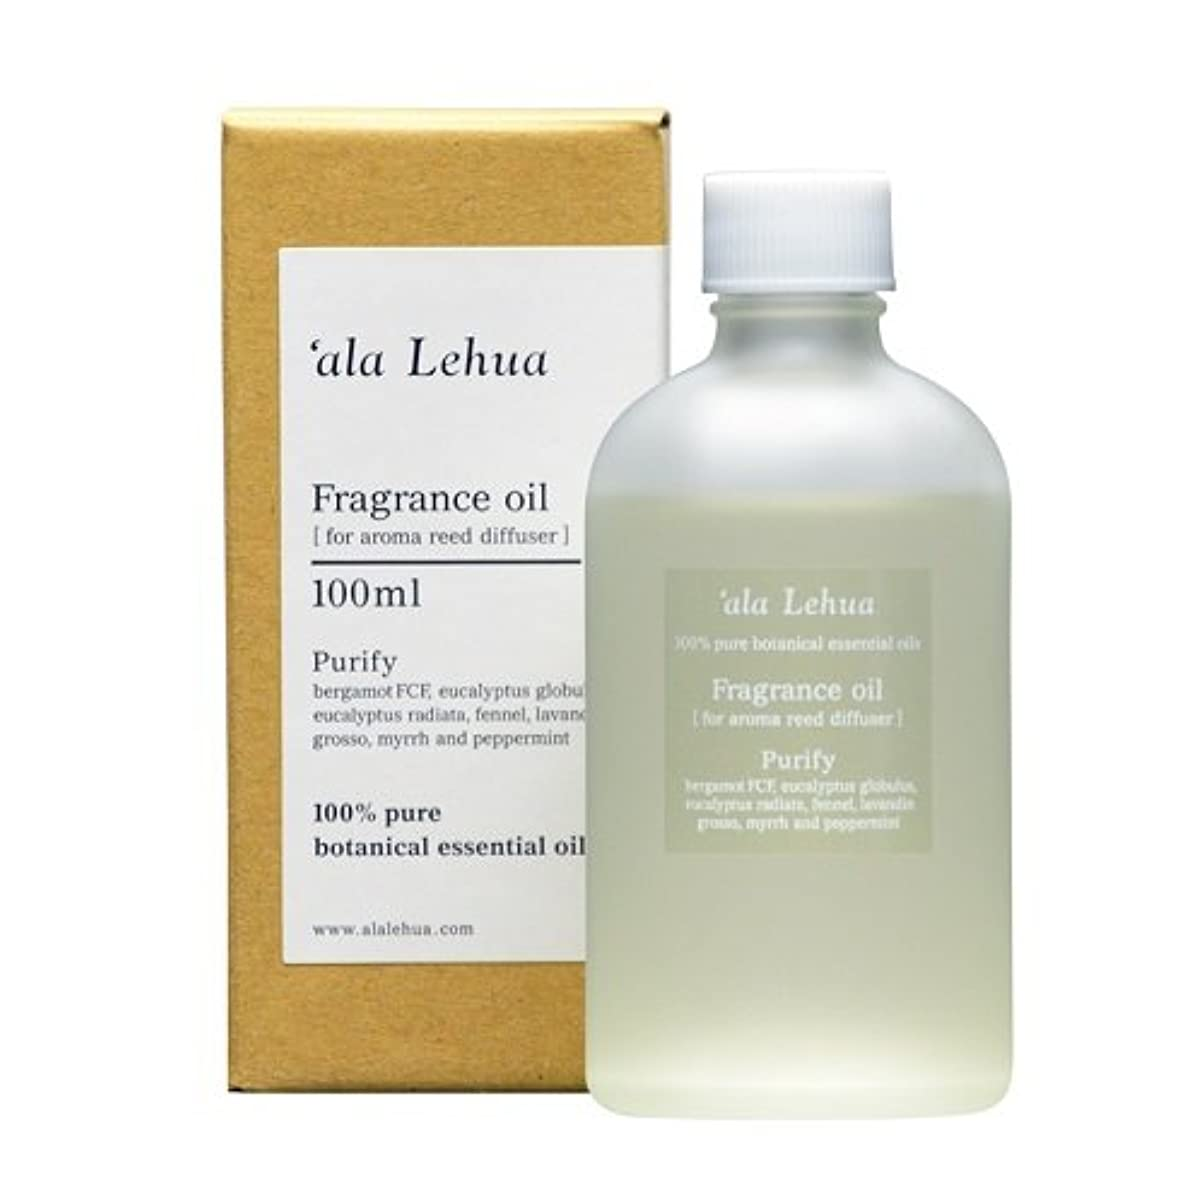 連想壮大所得フレーバーライフ(Flavor Life) `ala Lehua (アラレフア) アロマリードディフューザー フレグランスオイル 100ml purify(ピュリファイ)